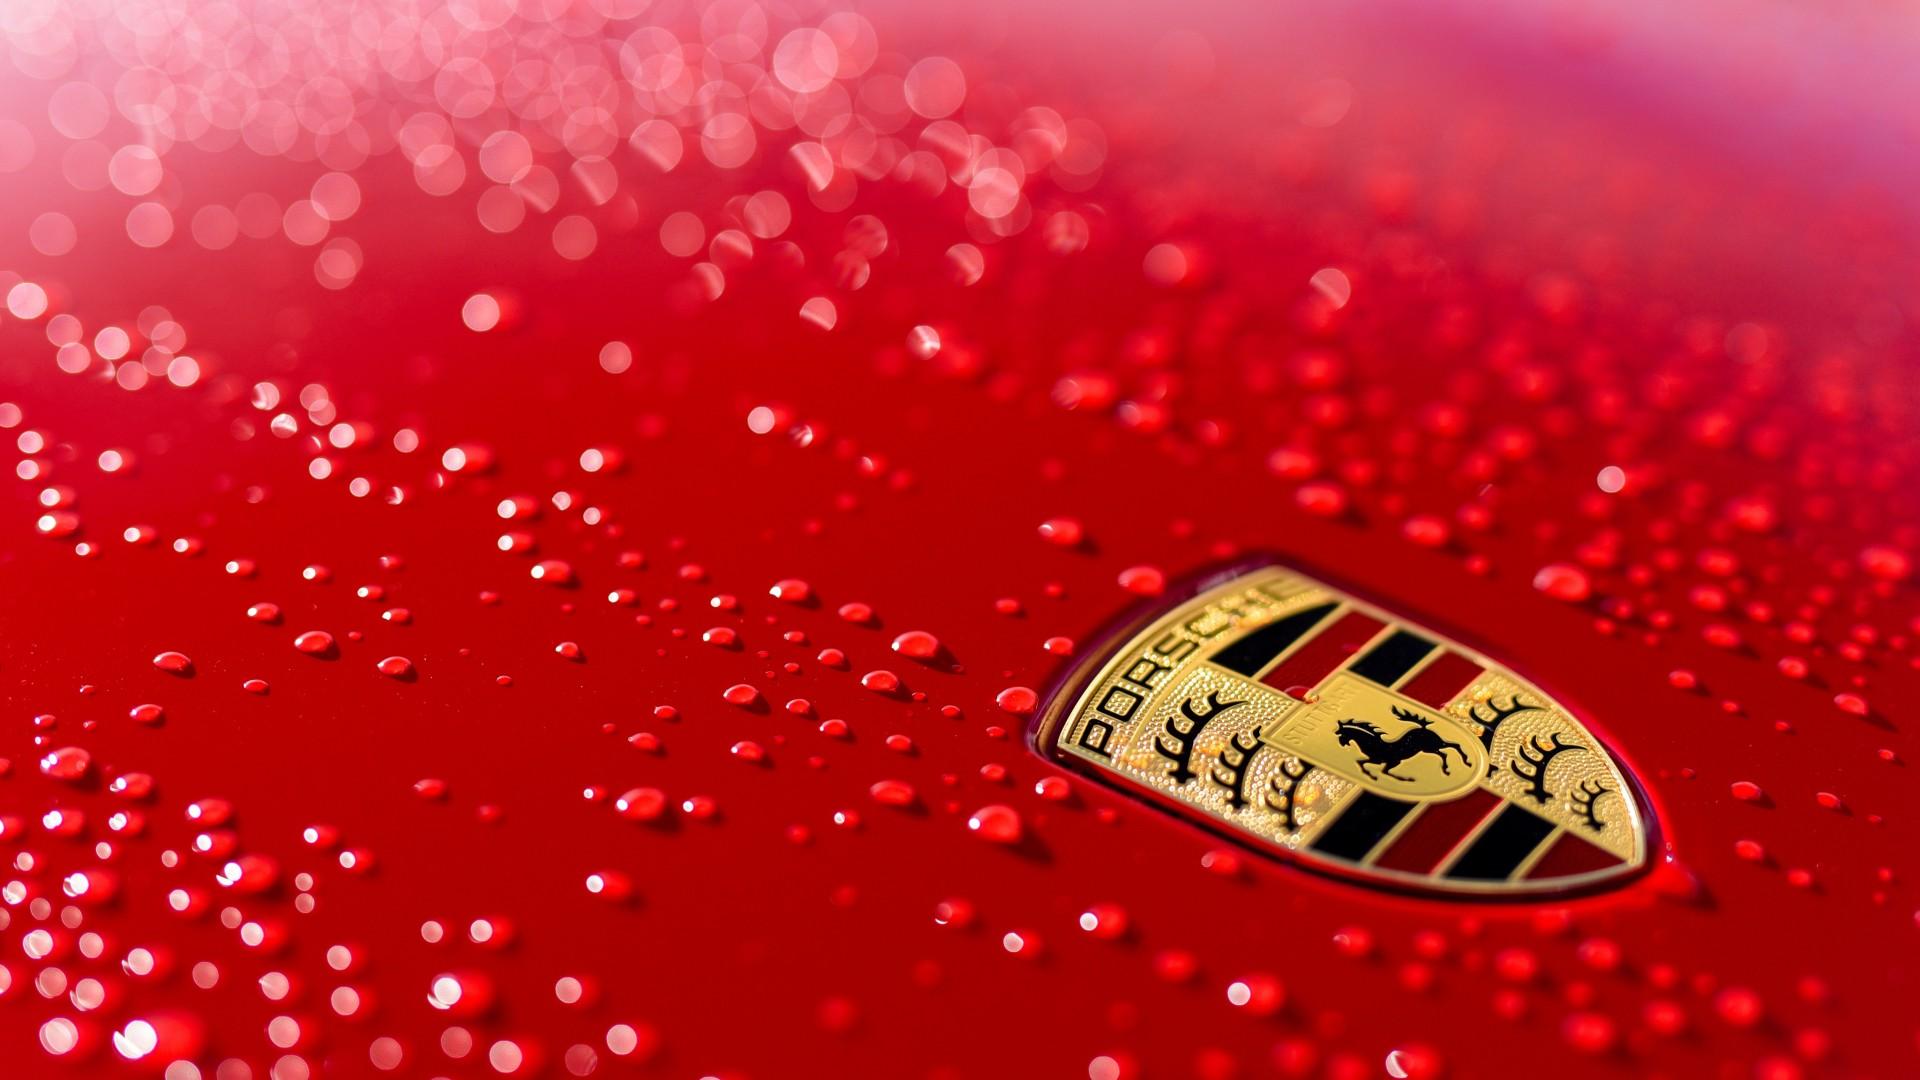 Porsche 911 Logo 4K Wallpaper | HD Car Wallpapers | ID #9234